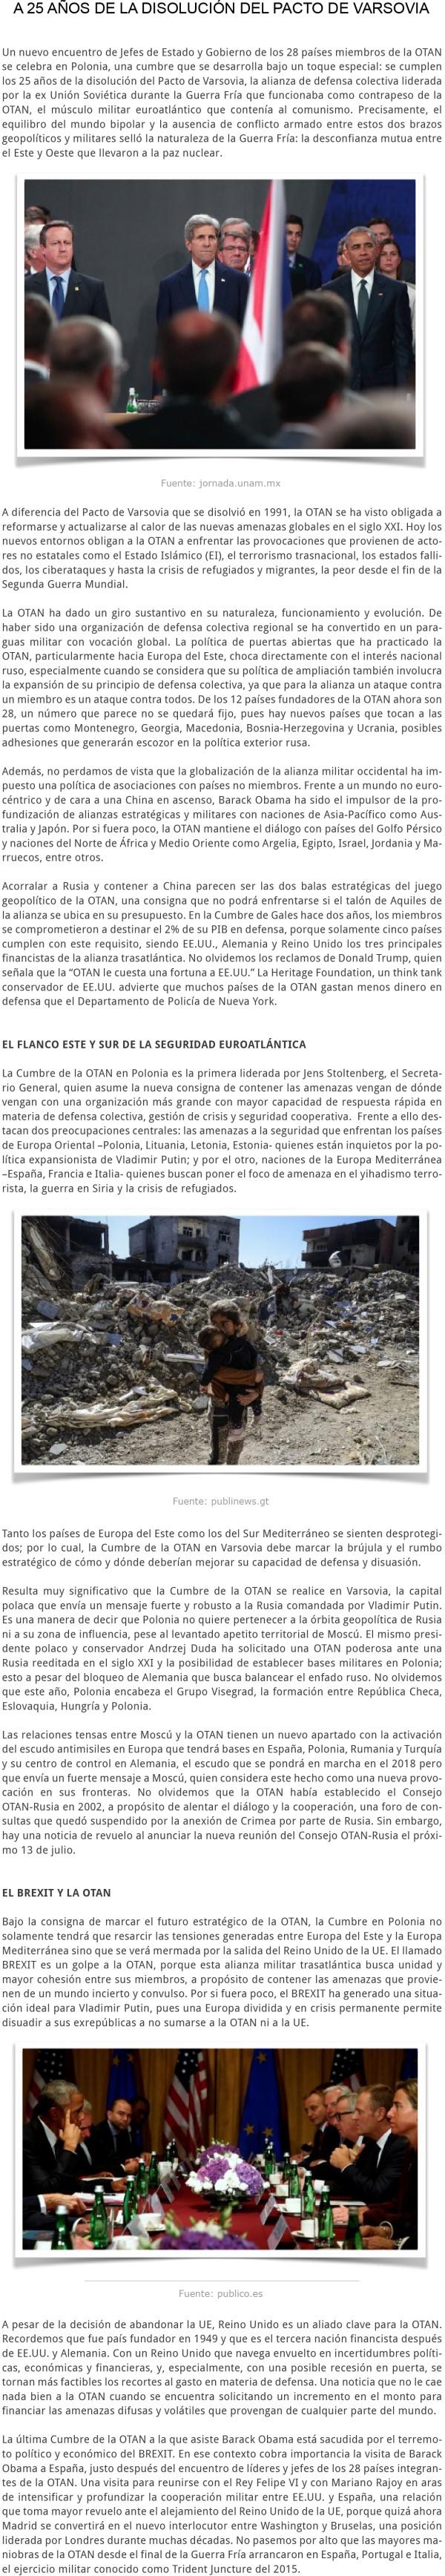 LA CUMBRE DE LA OTAM EN POLONIA A 25 AÑOS DE LA DISCUSIÓN DEL PACTO DE VERSOVIA